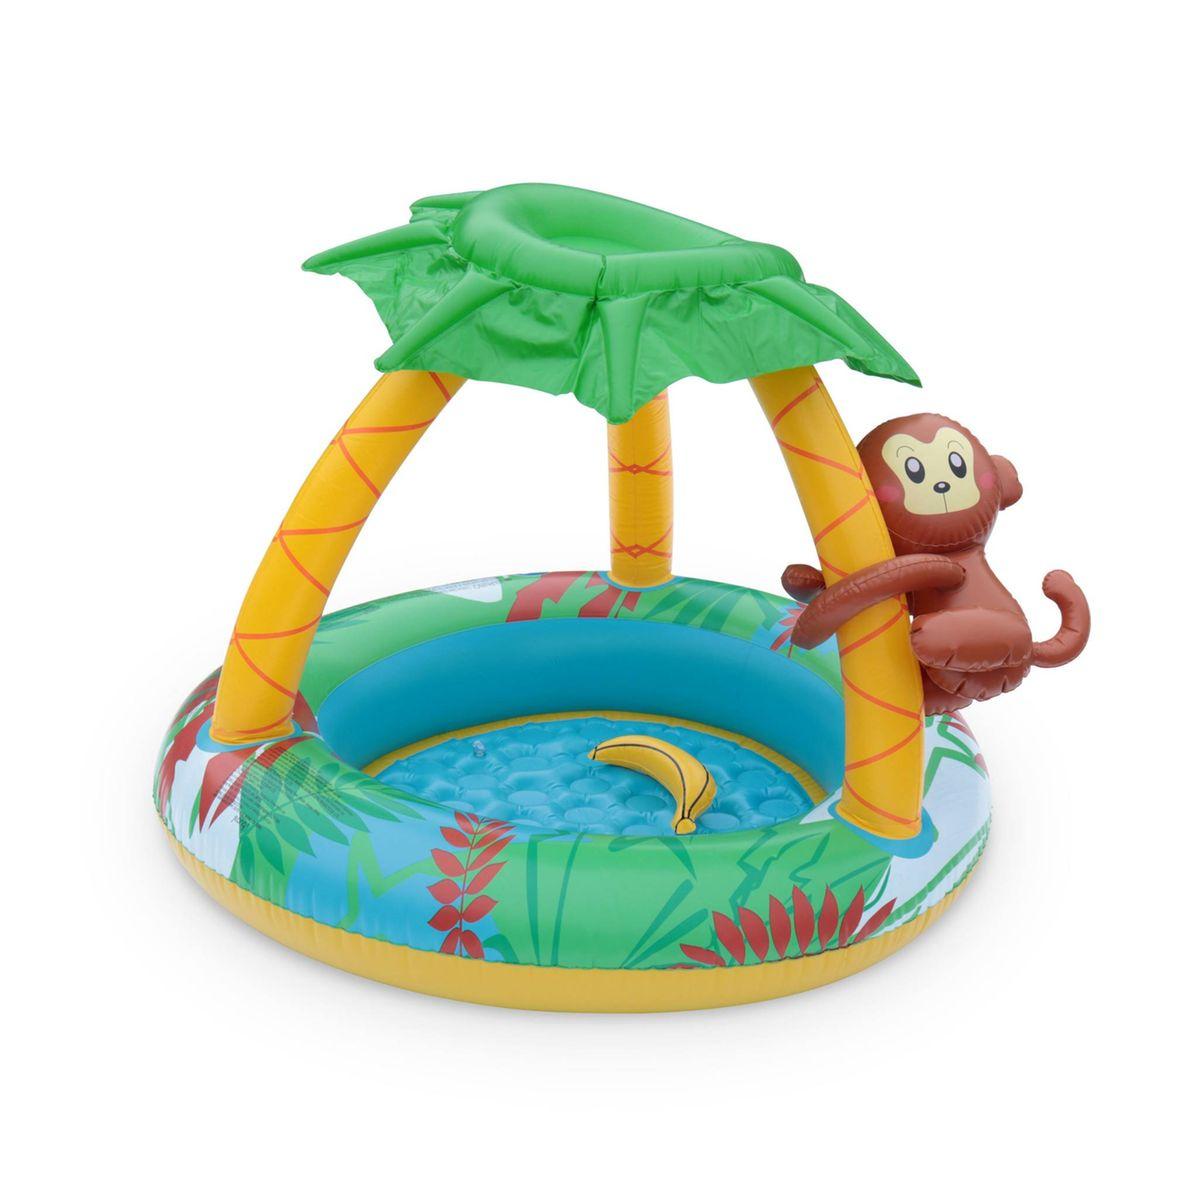 Pataugeoire Gonflable Jungle, Piscine Pour Bébé Avec Pare ... pour Gifi Piscine Bebe